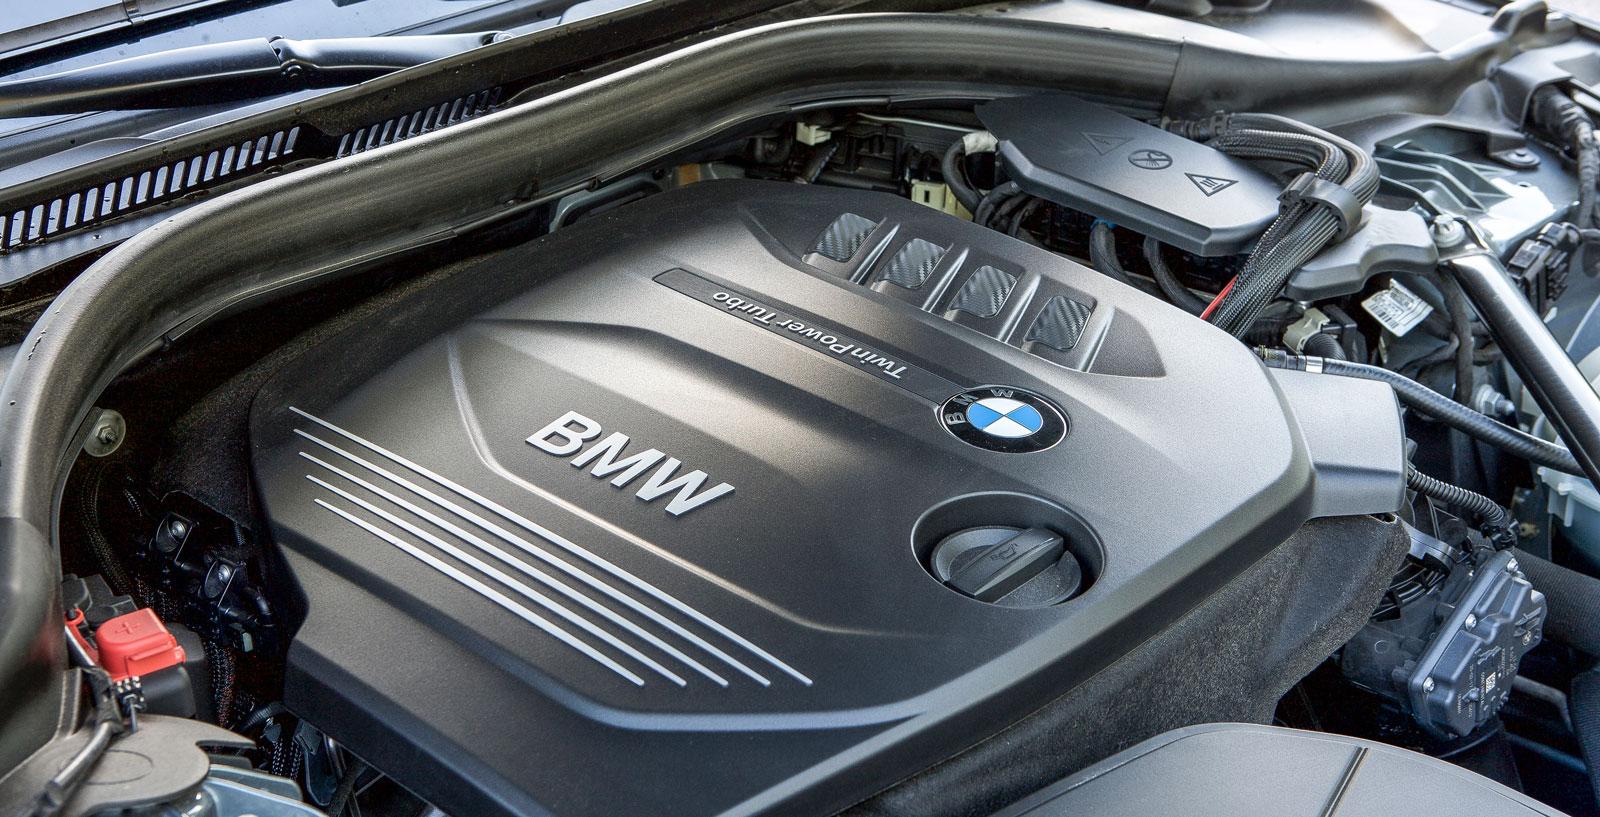 Motorn räcker till i alla situationer och är snål (men inte snålast) på dropparna. Vid gas-pådrag är den testets tystaste.